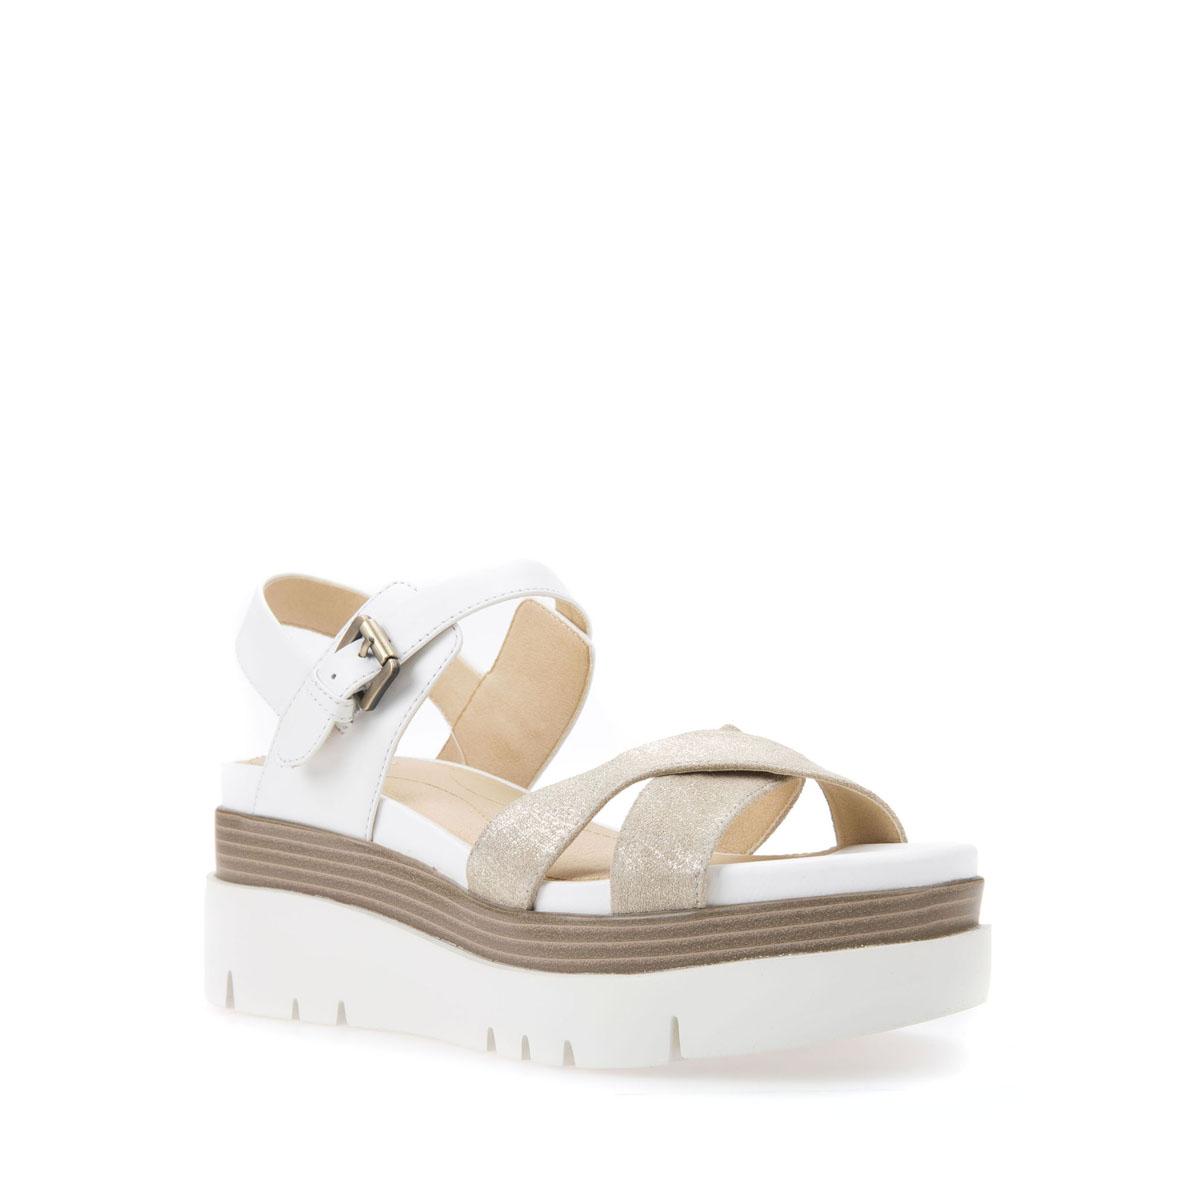 Sandalo con suola monoblocco Geox estate 2018 modello Radwa